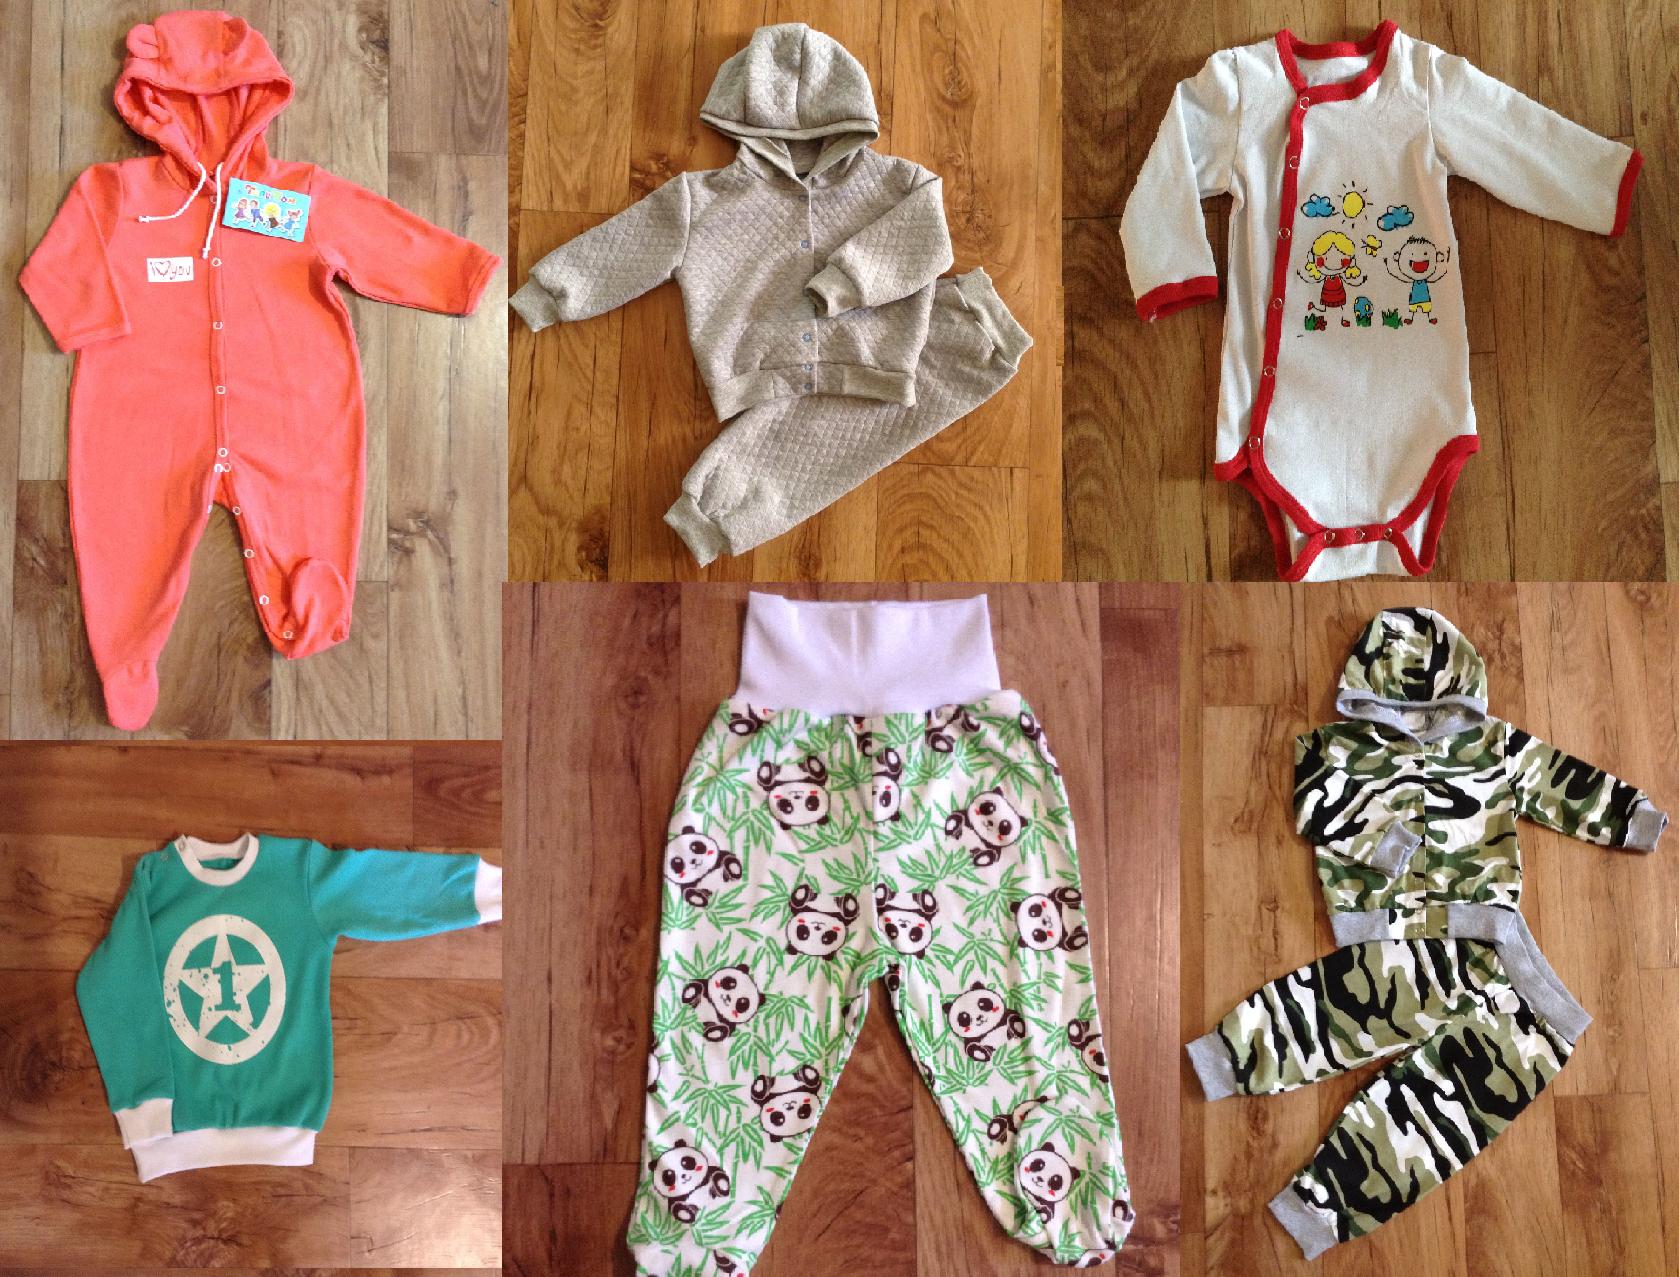 Одежда для деток ТиЛиБом,сшитая с любовью.Цены от производителя от 40р до 500р.От 0 до 7 лет. В1